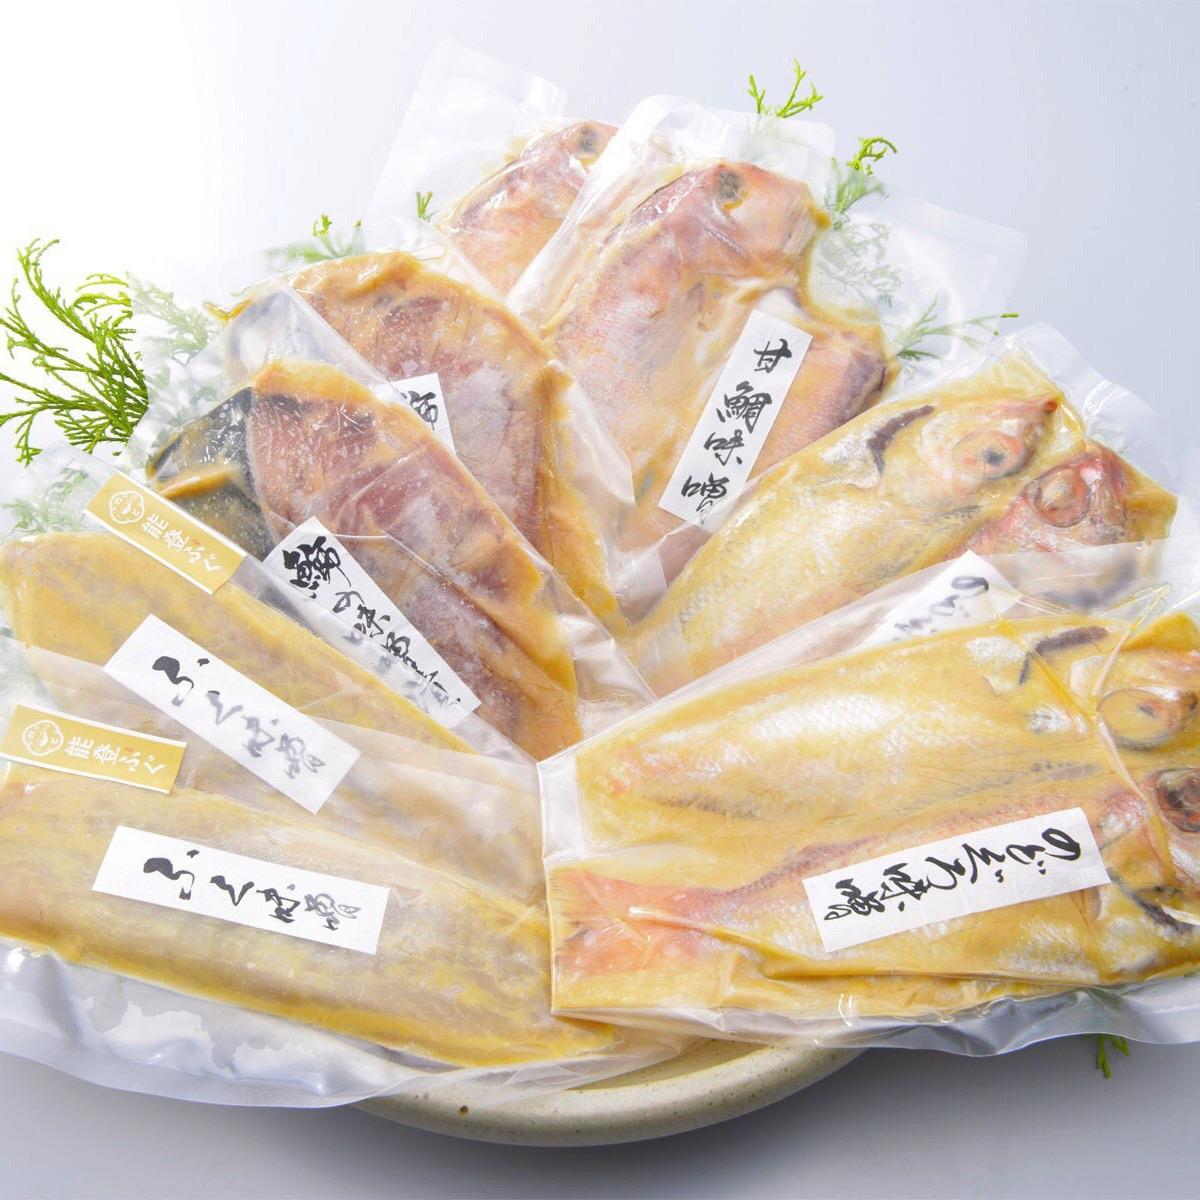 【ふるさと納税】能登 里海 里味噌漬けの詰め合せ(ブリ・甘鯛・能登フグ・のどぐろ) 鮮魚 干物